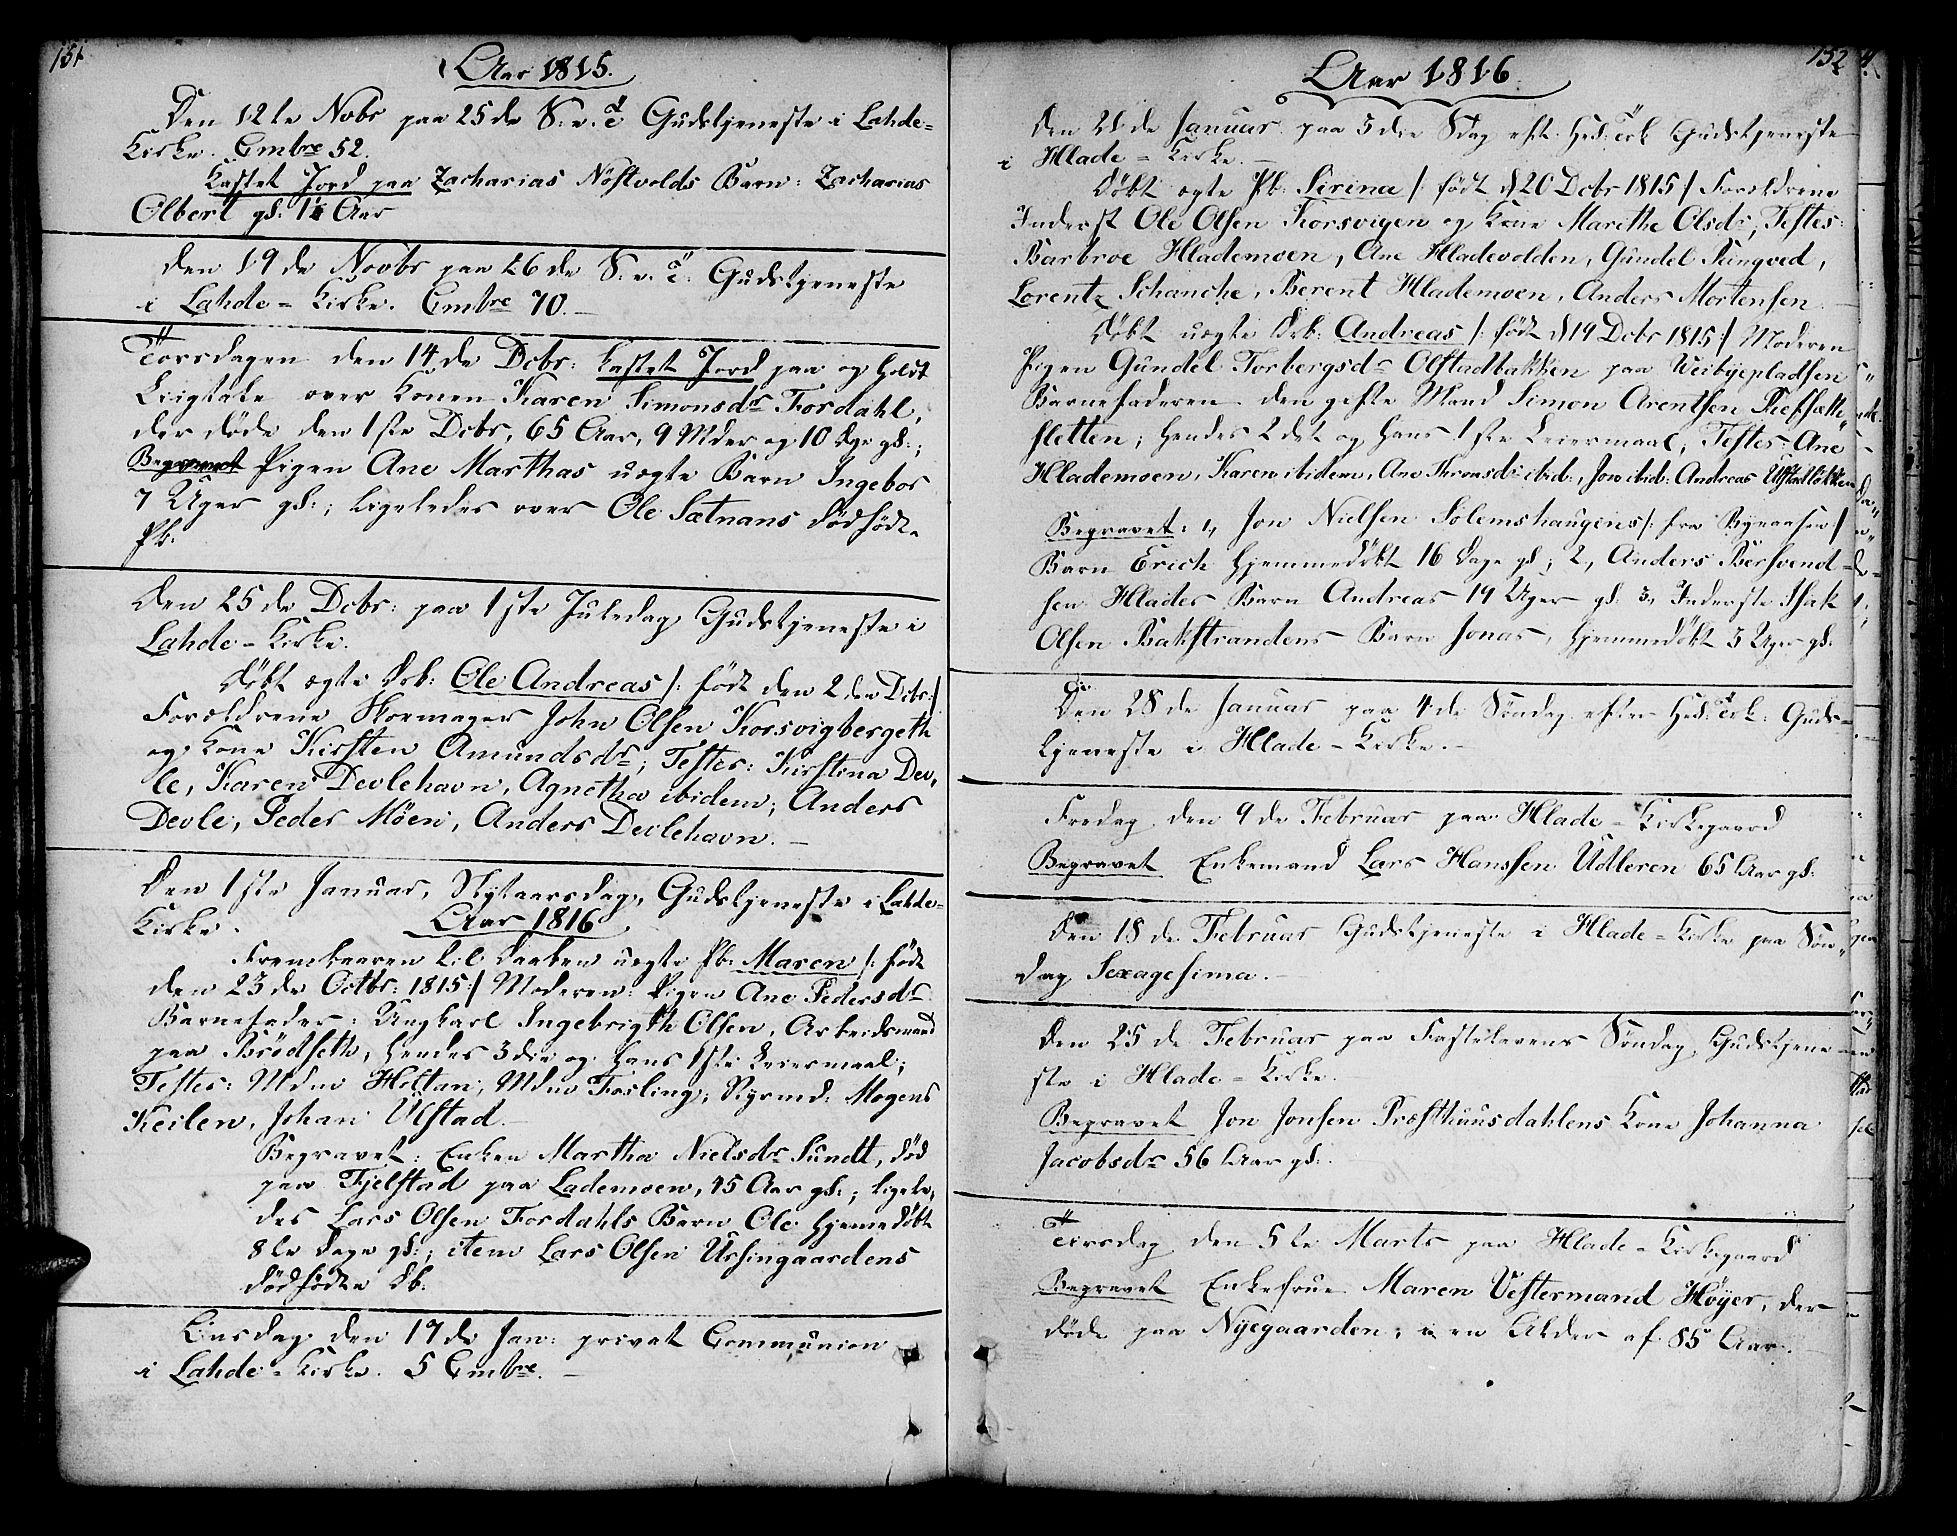 SAT, Ministerialprotokoller, klokkerbøker og fødselsregistre - Sør-Trøndelag, 606/L0280: Ministerialbok nr. 606A02 /1, 1781-1817, s. 151-152